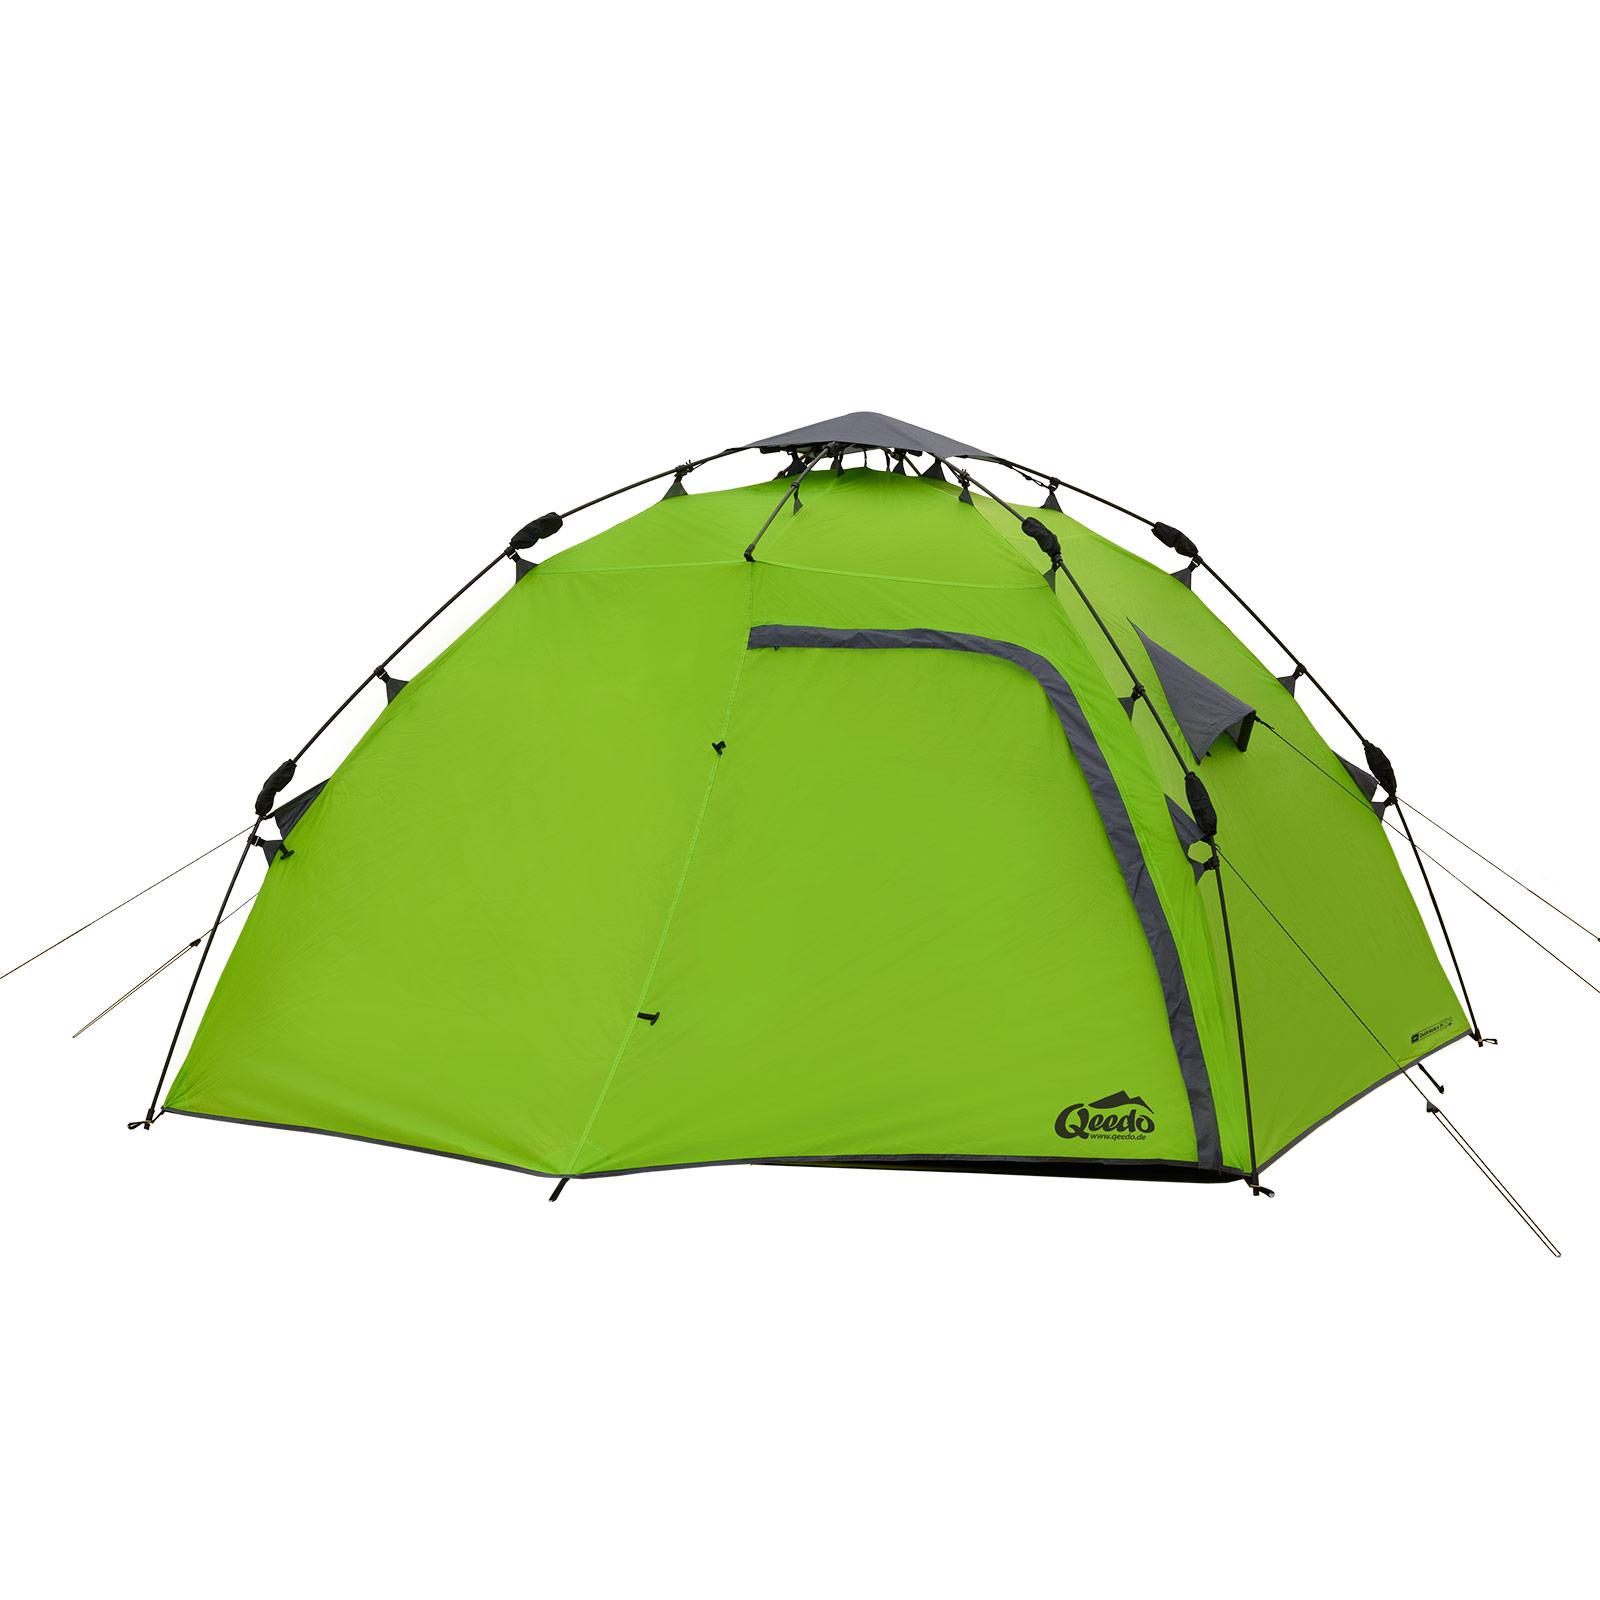 campingzelt qeedo quick maple 4 sekundenzelt 4 personen zelt wurfzelt pop gr n ebay. Black Bedroom Furniture Sets. Home Design Ideas